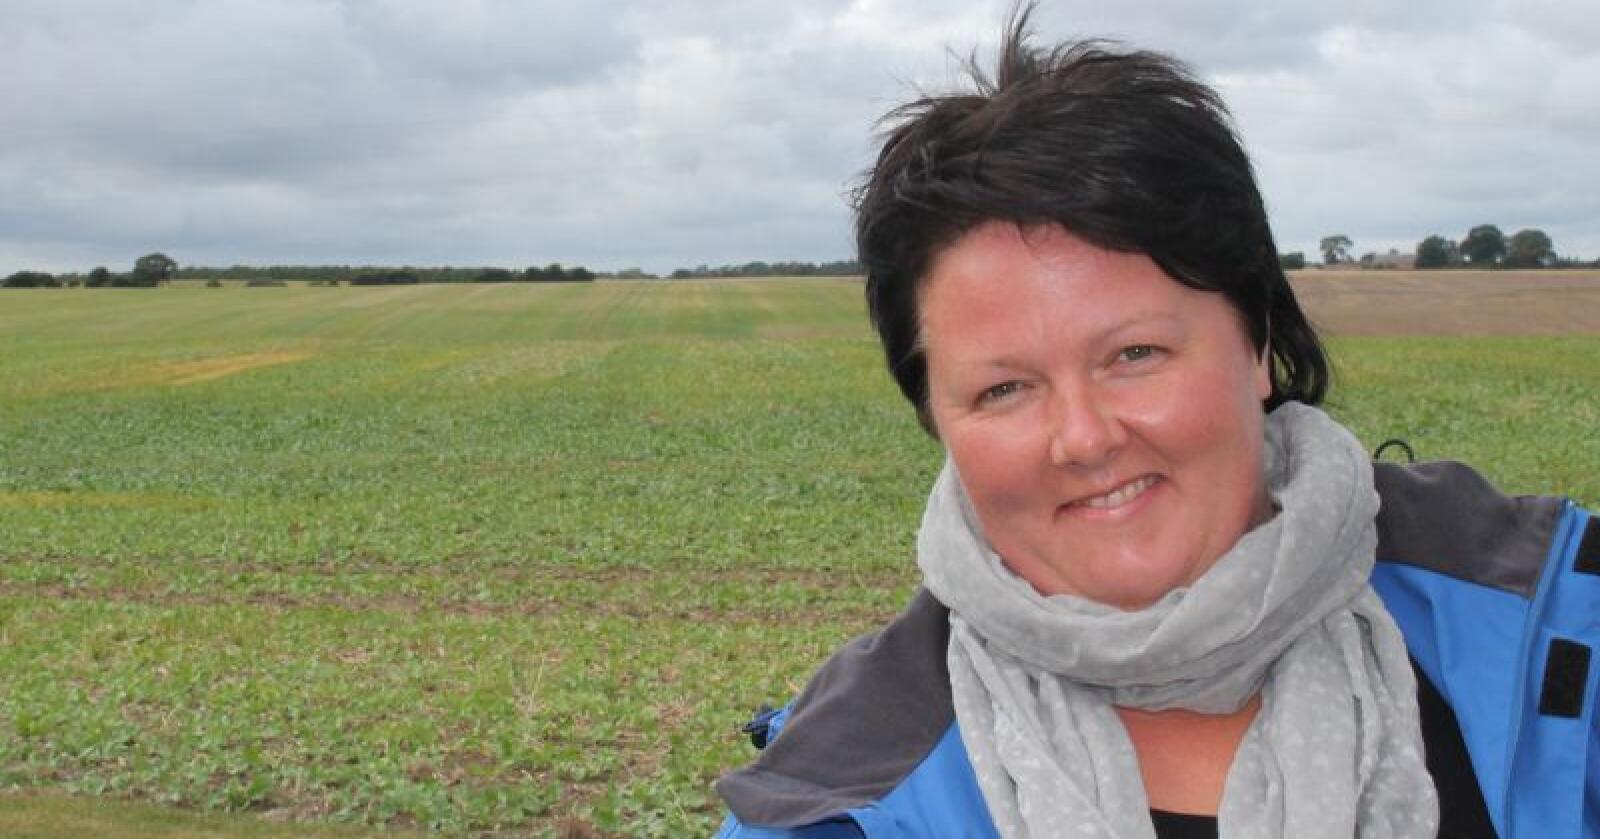 Birte Usland jobber med likestilling i landbruket. Hun ønsker tydeligere retningslinjer for både bønder og NAV, i forbindelse med ulike velferdsordninger. Foto: Øystein Moi